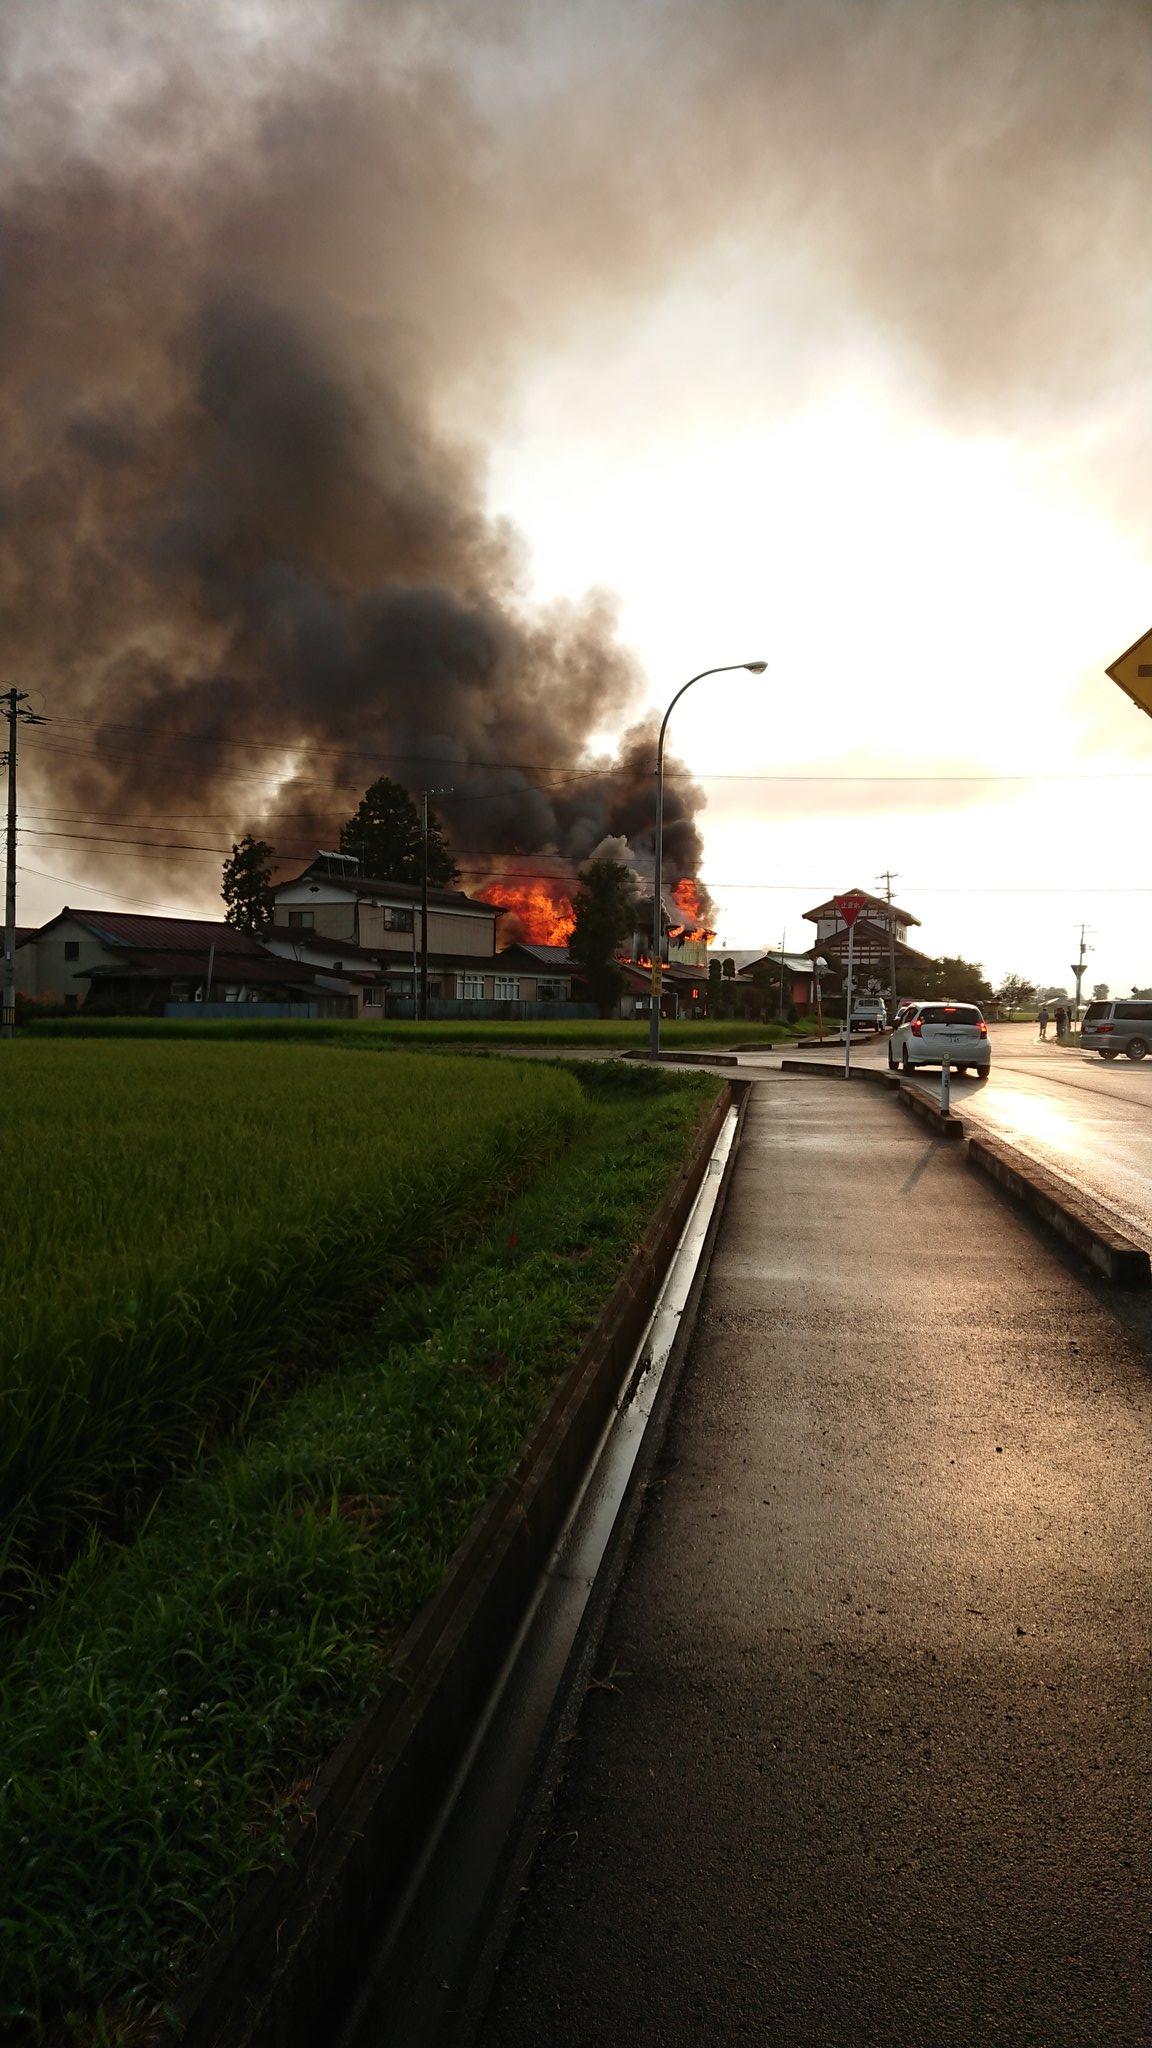 登米市石越町で火事が起きている現場画像